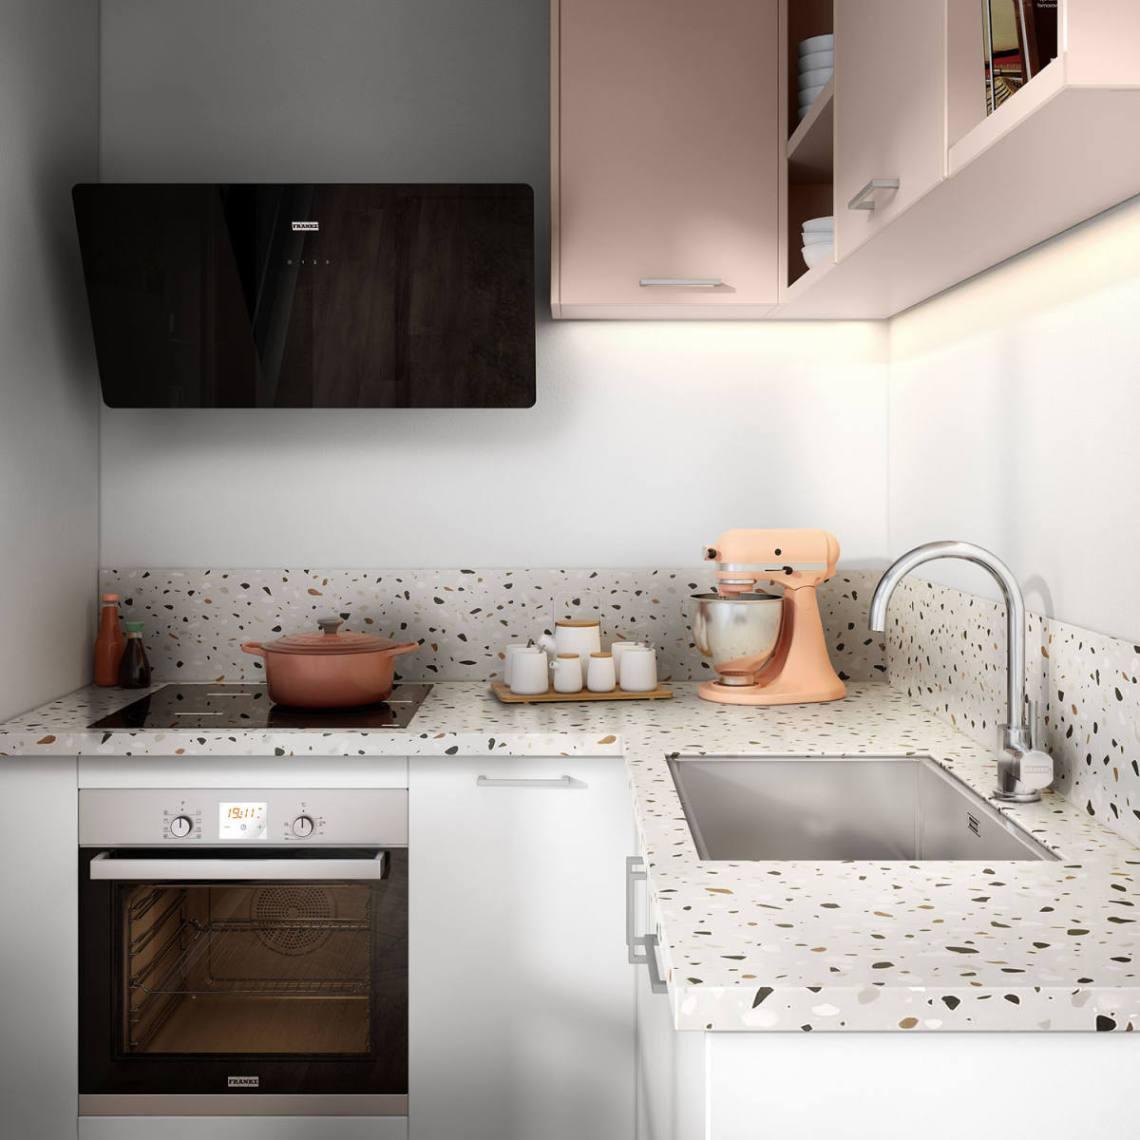 10 Best Kitchen Sinks in Singapore